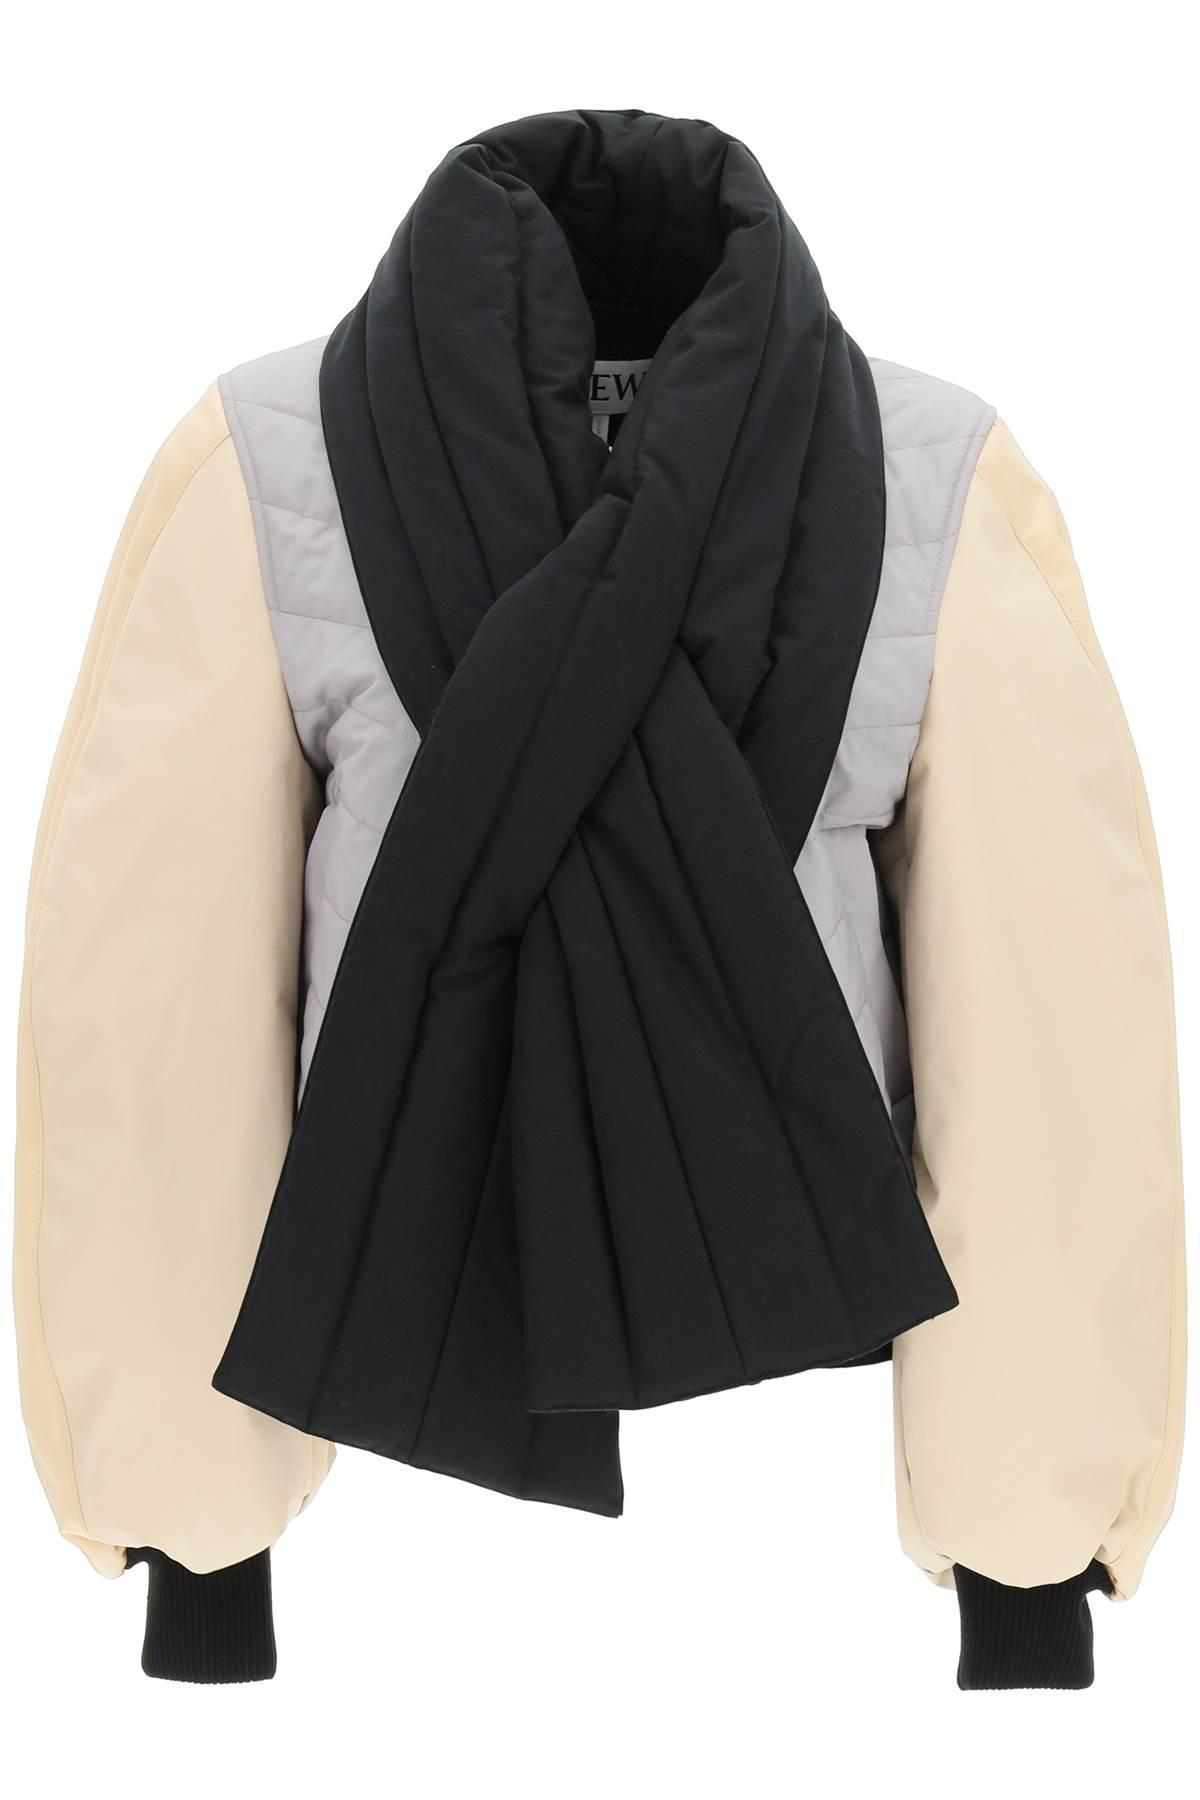 loewe bomber in toile di cotone con sciarpa 36 beige, grigio, nero cotone, pelle